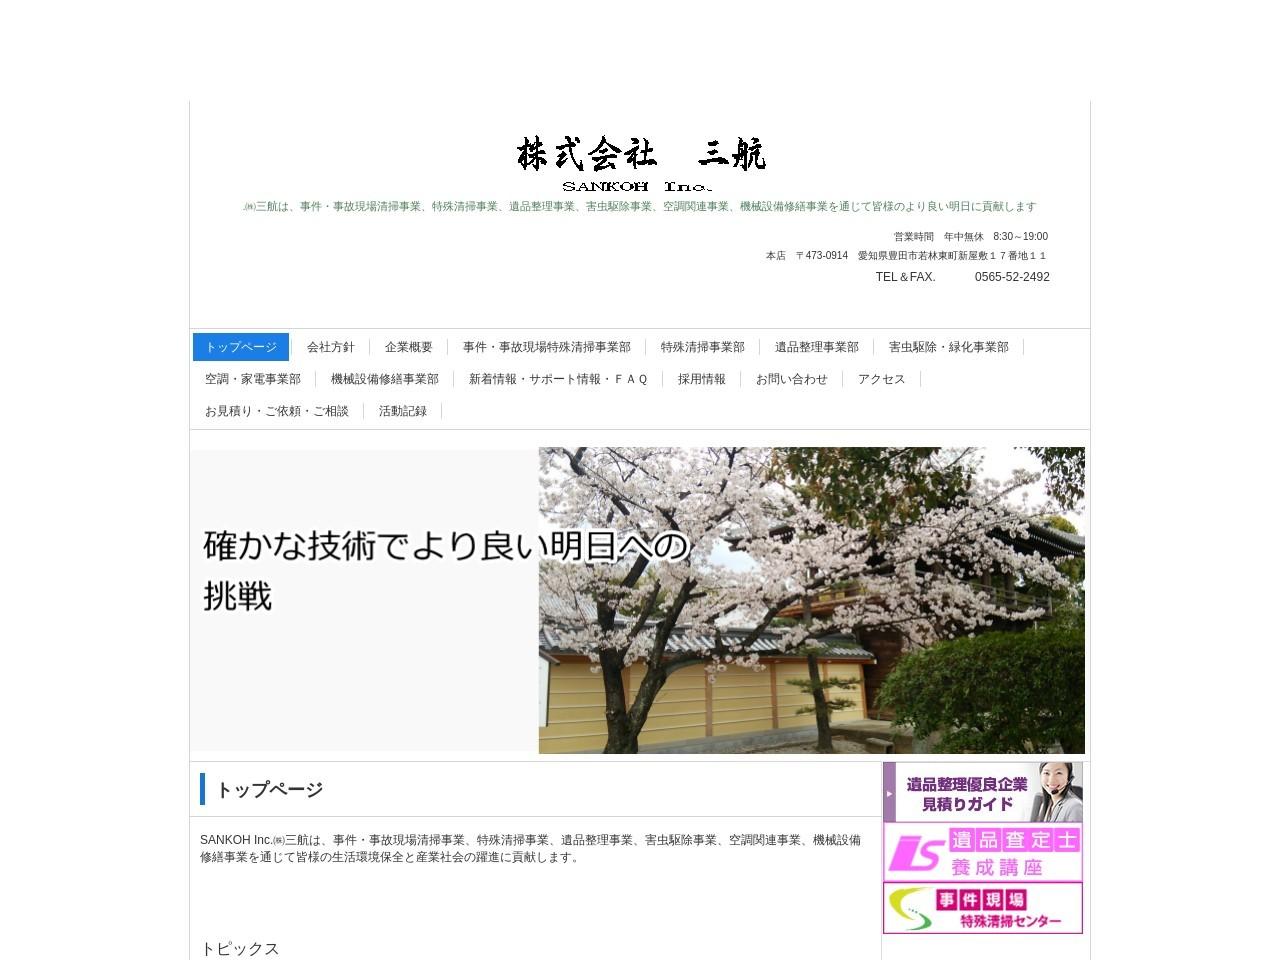 三興オート株式会社